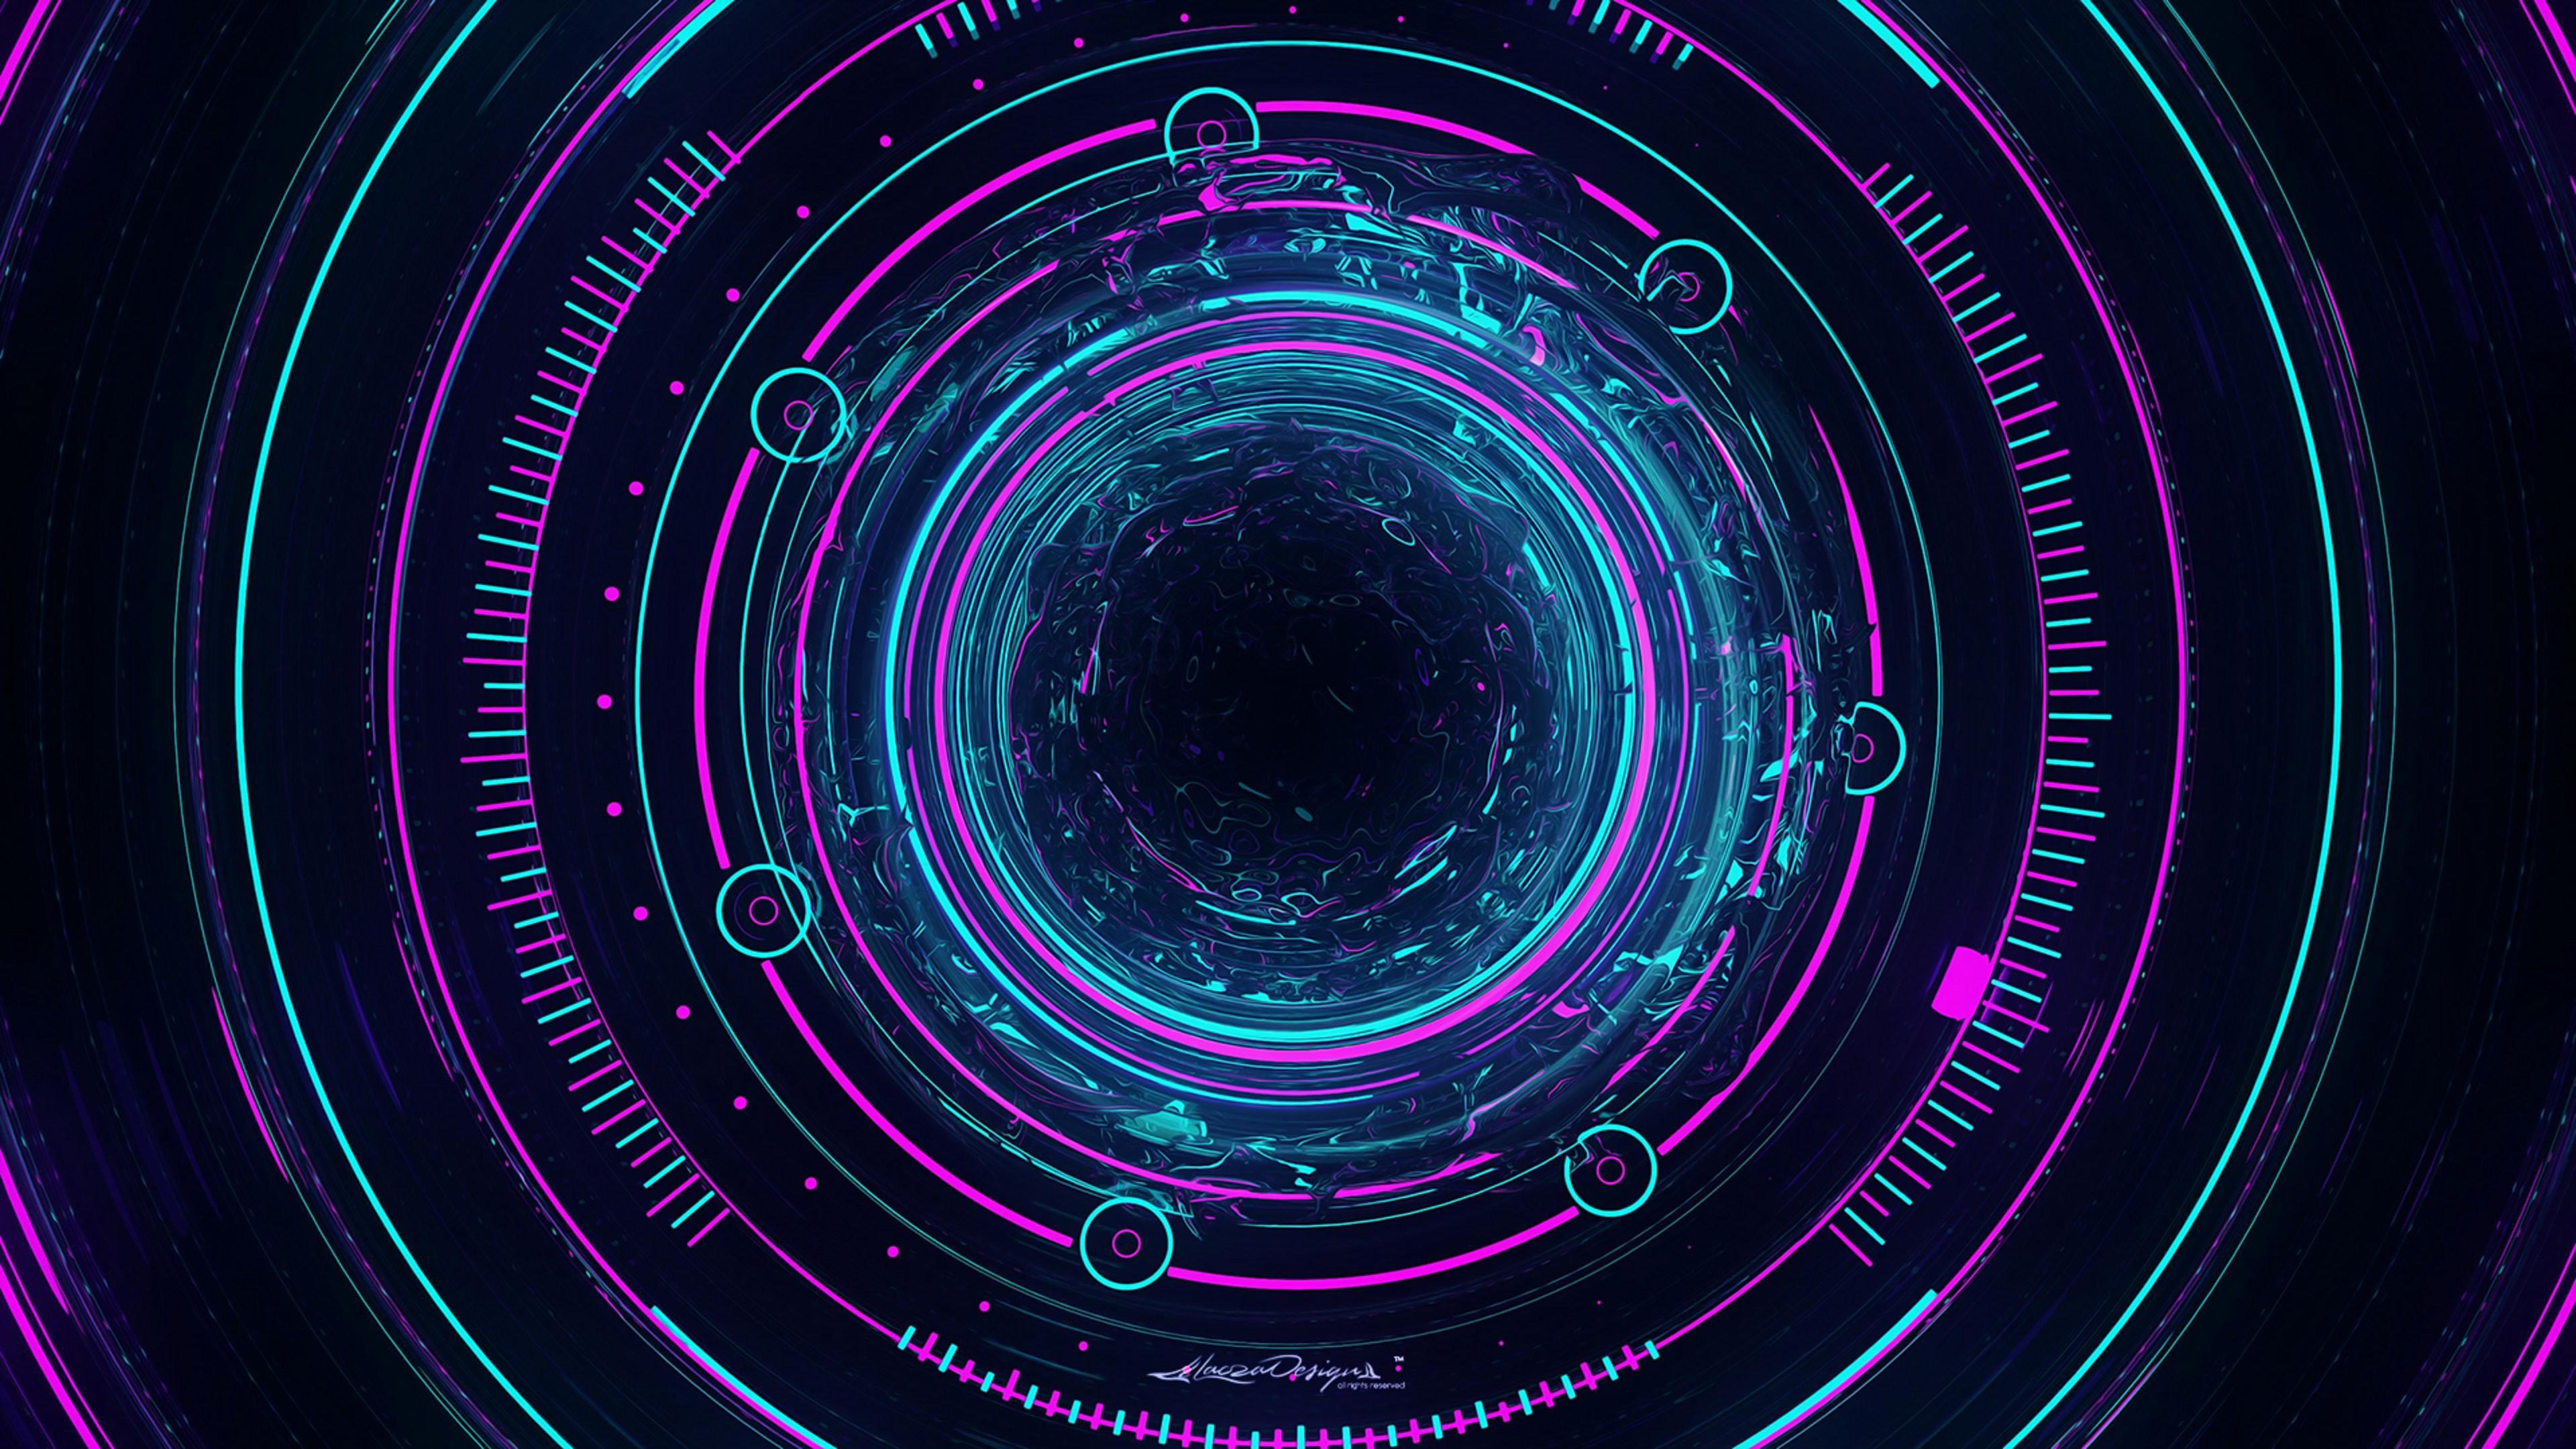 Fondos de pantalla Interestelar neón artwork digital